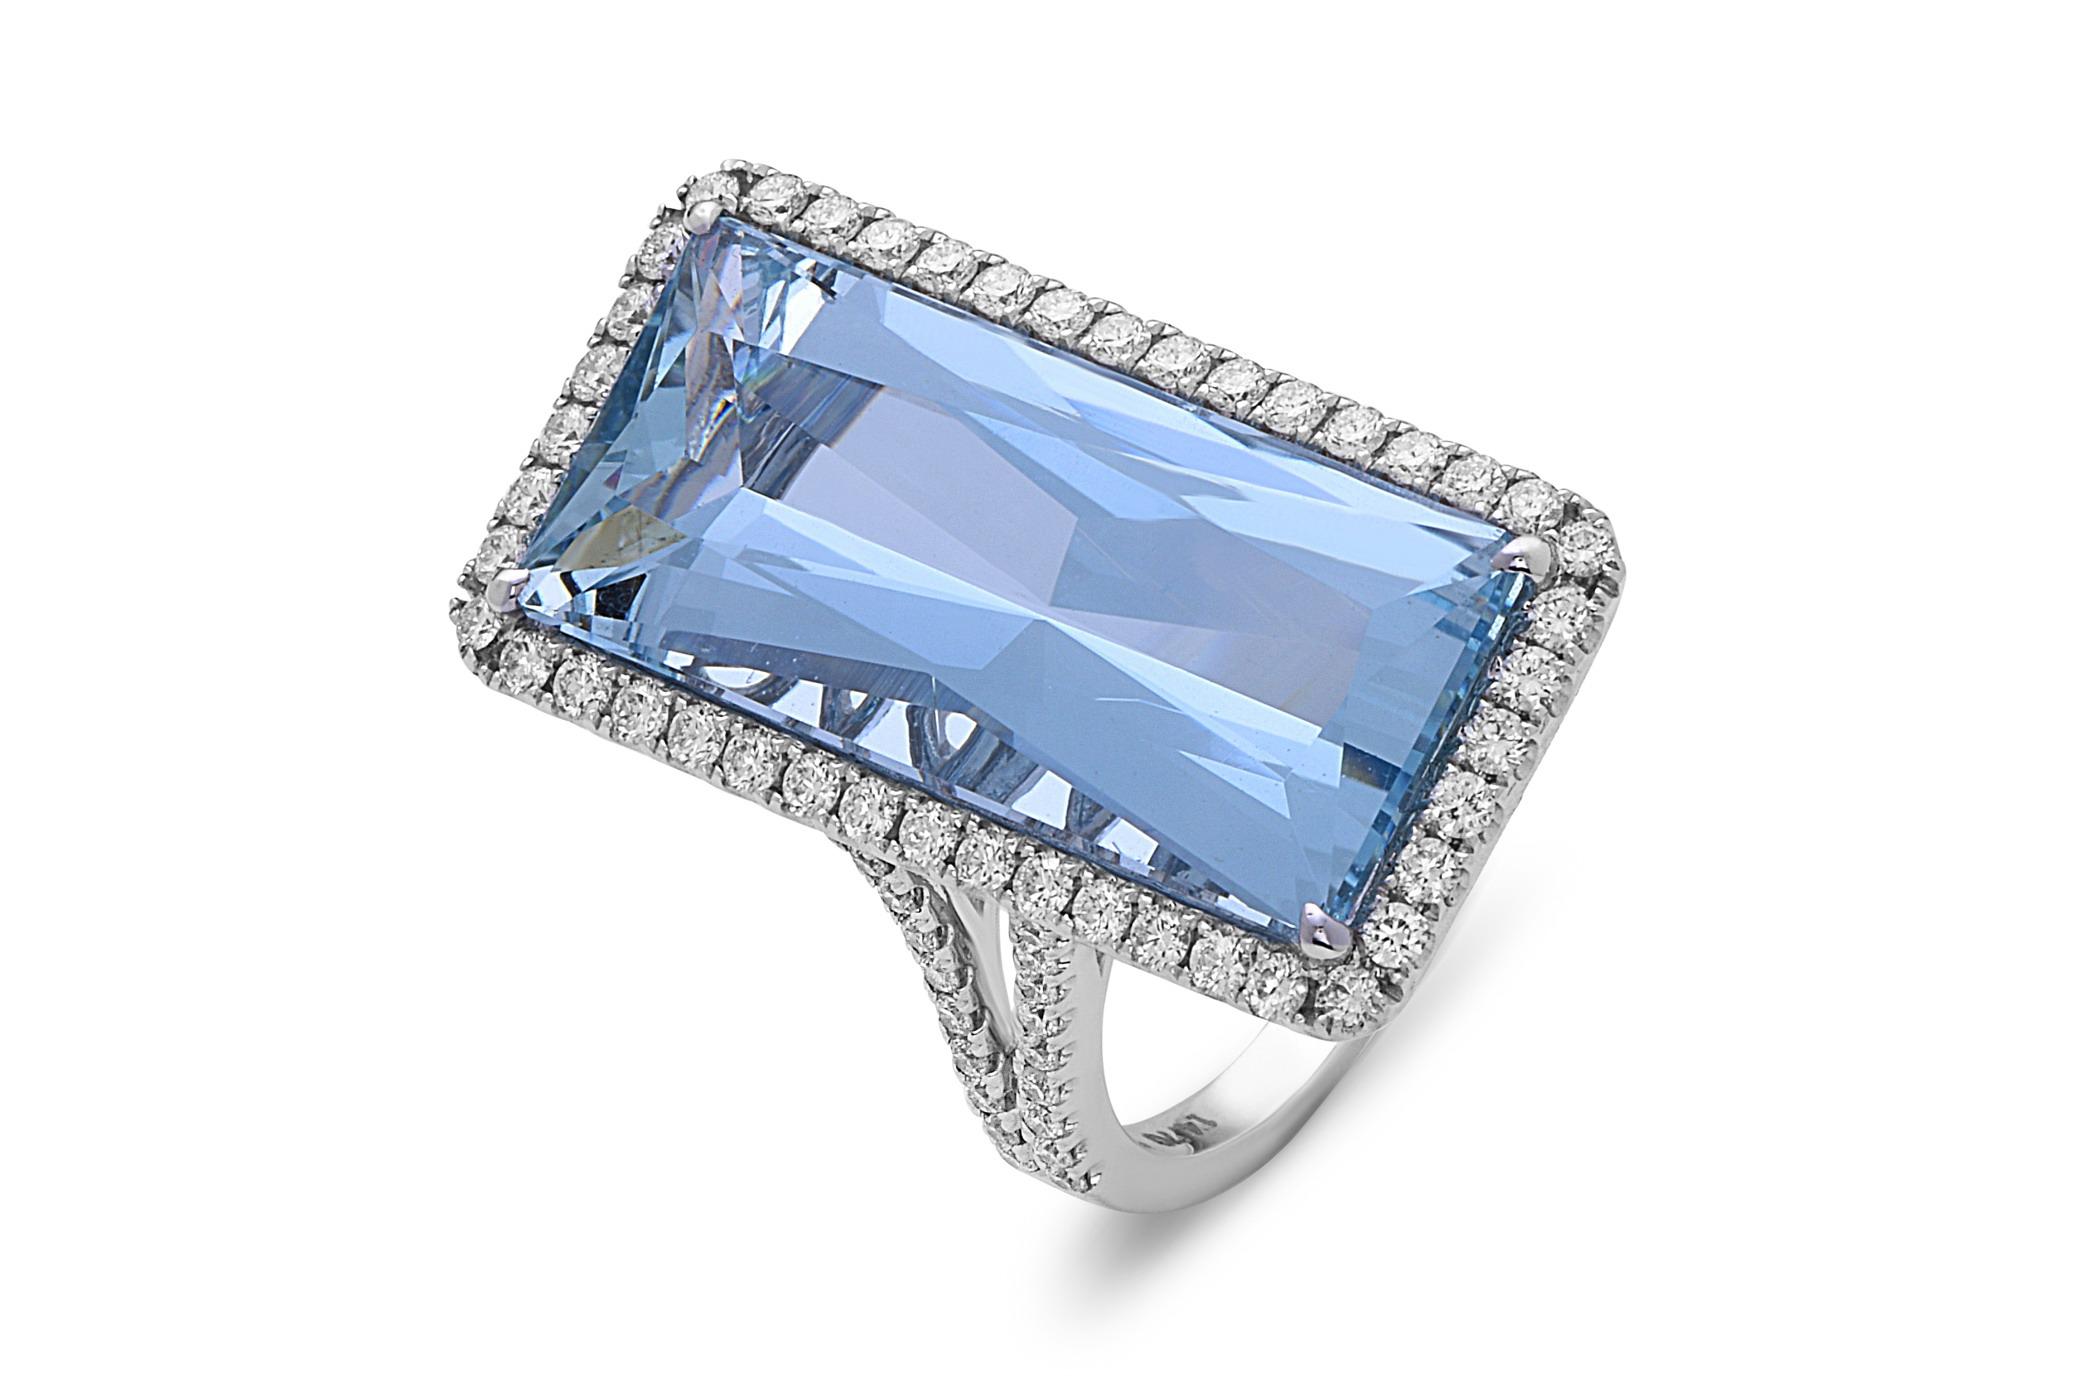 Aquamarine Emerald Cut Ring